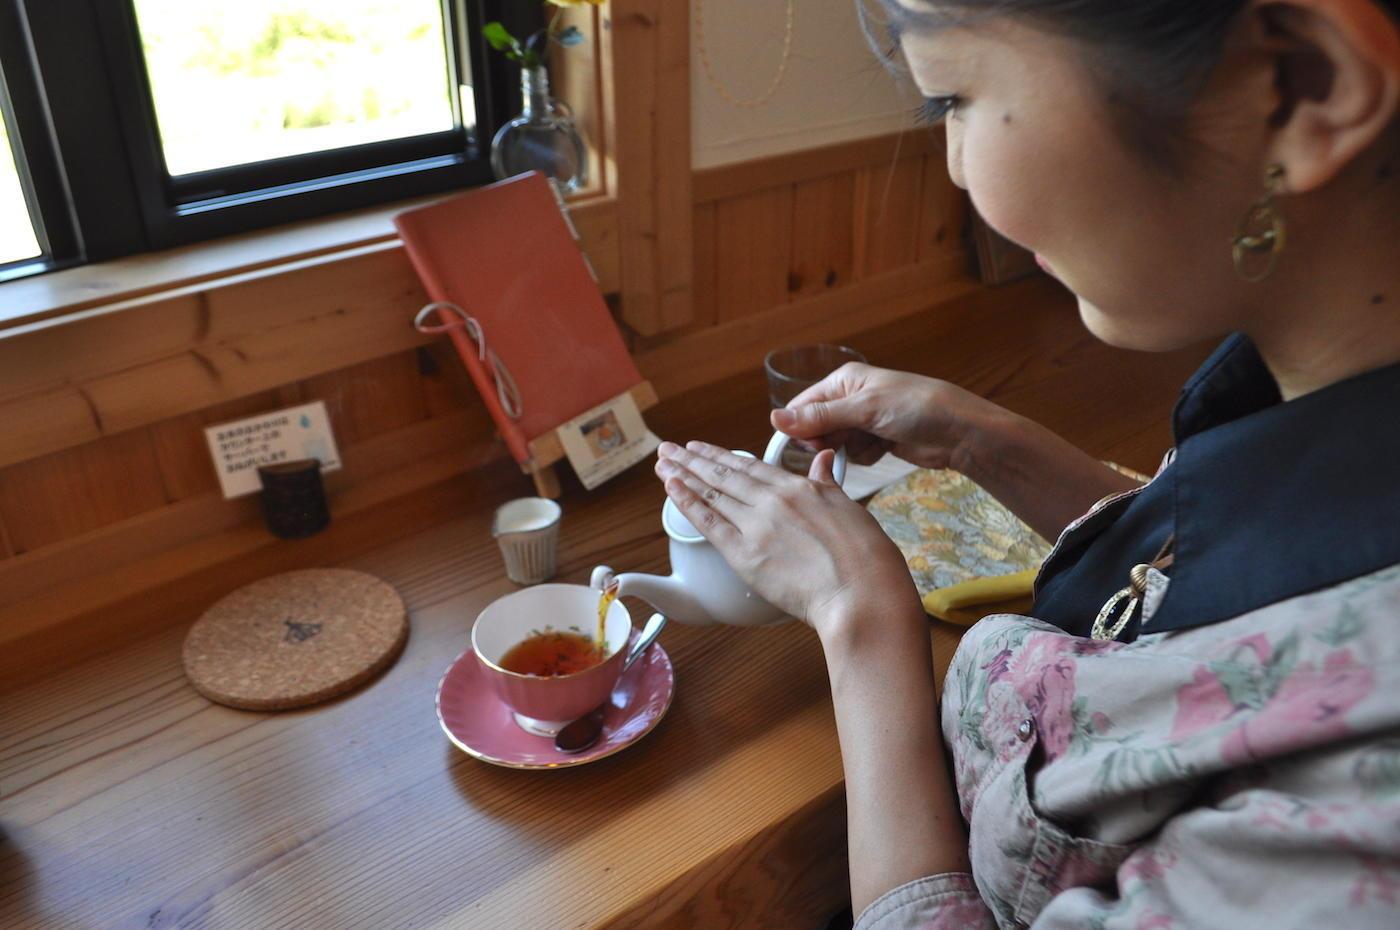 紅茶と愉しむこだわりのスイーツ<br>「アニバーサリーチロル」「たてしな日和」「たてしなグーテ」